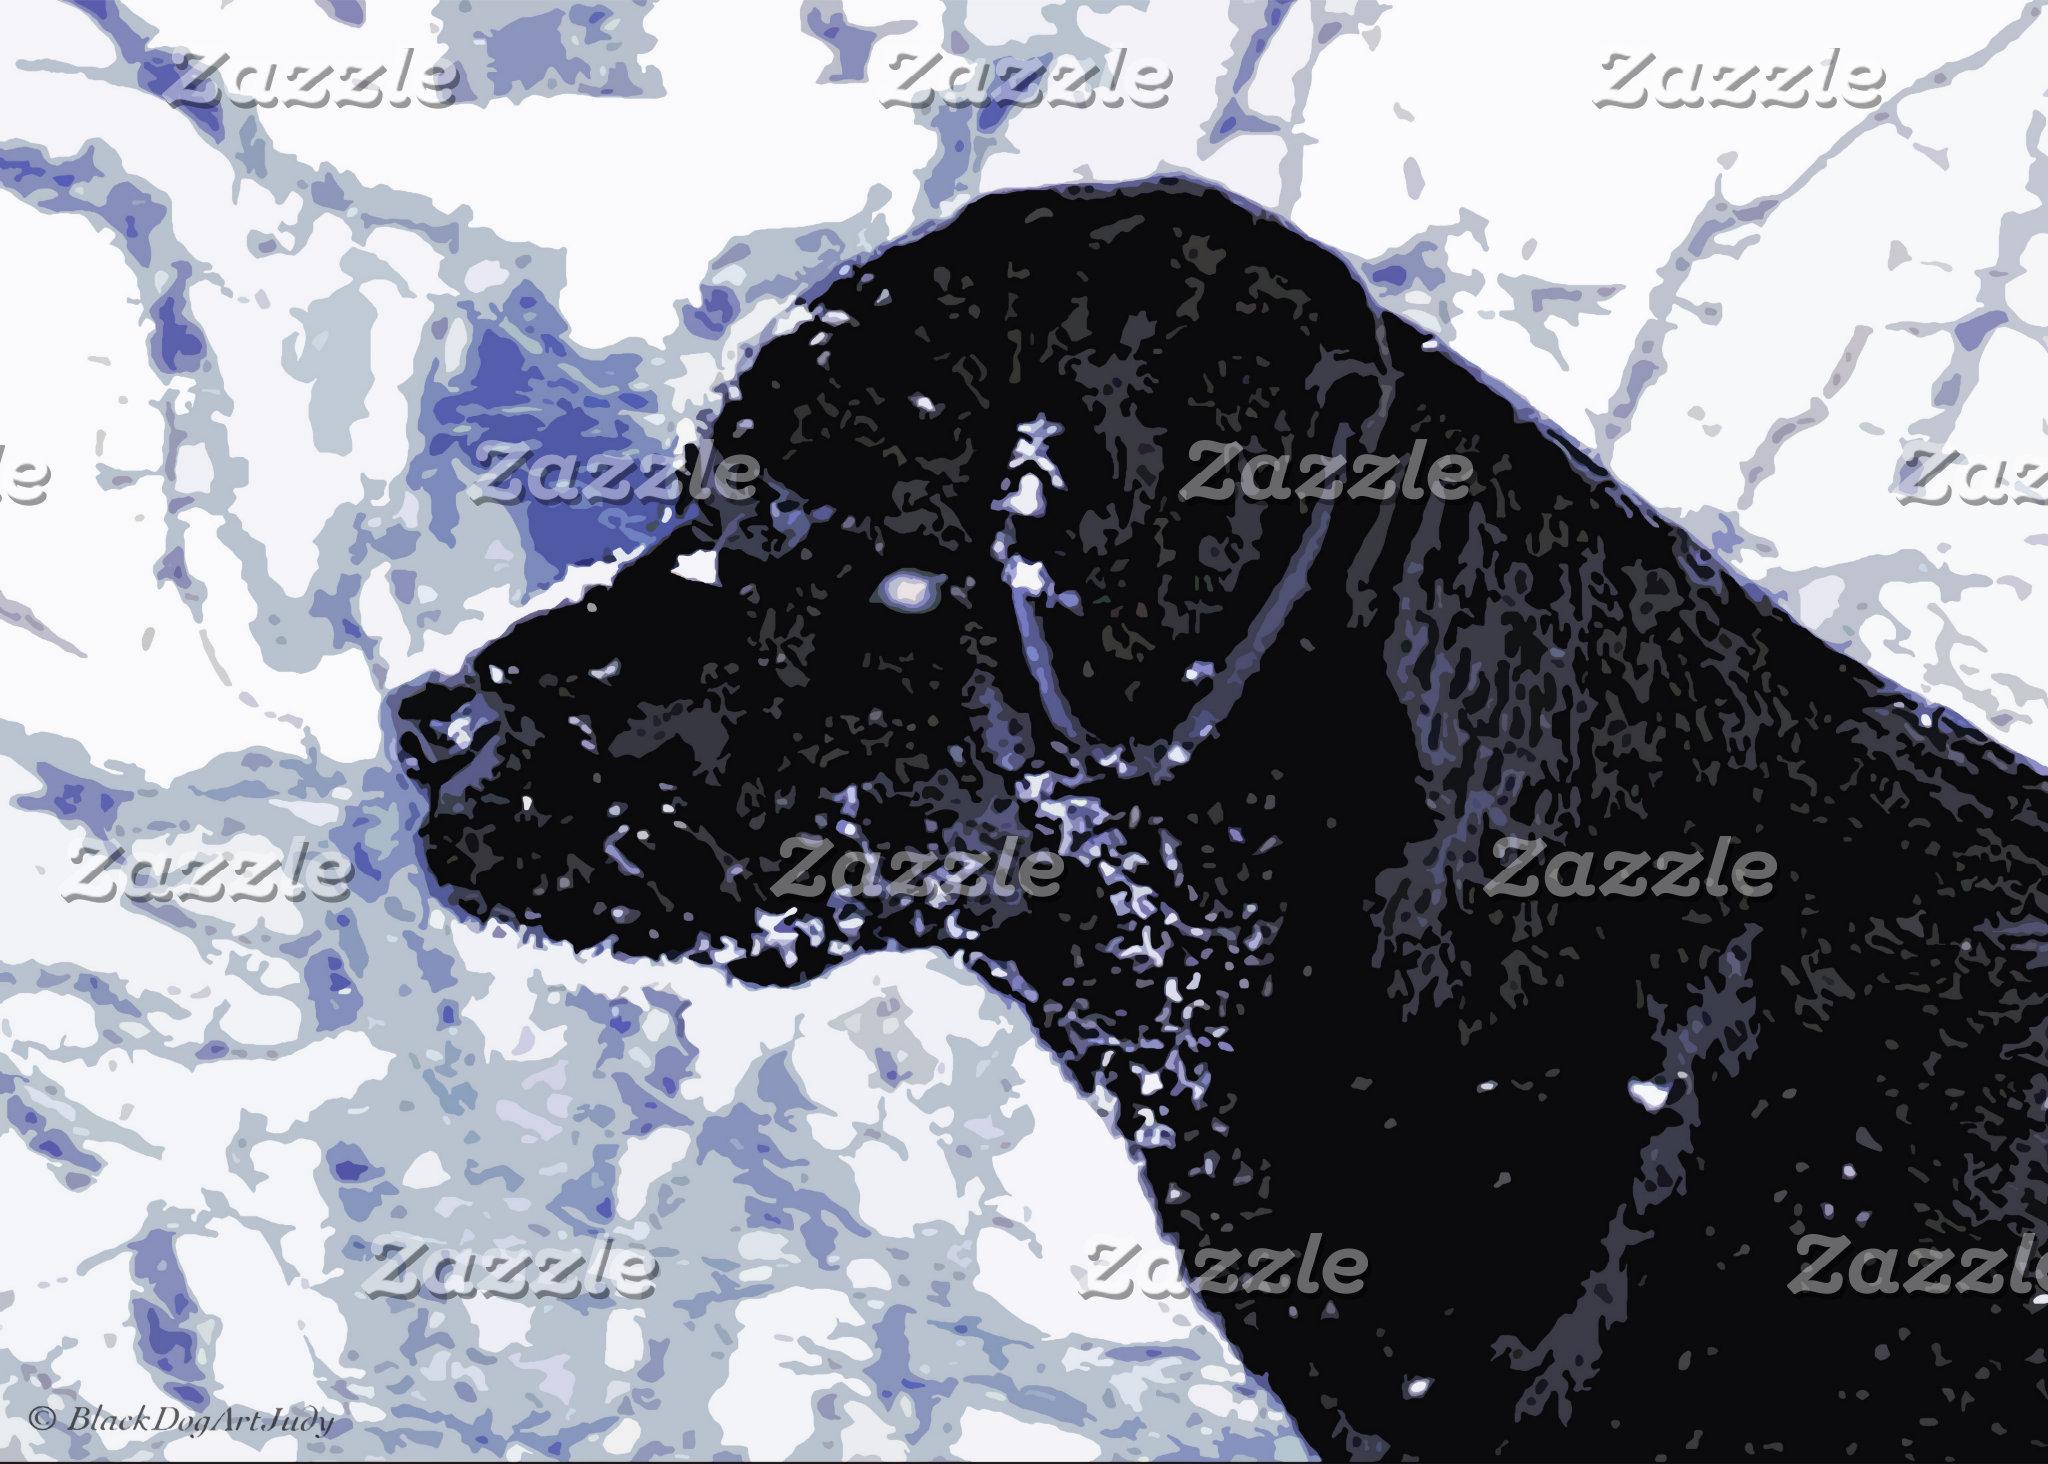 Black Labrador - Arctic